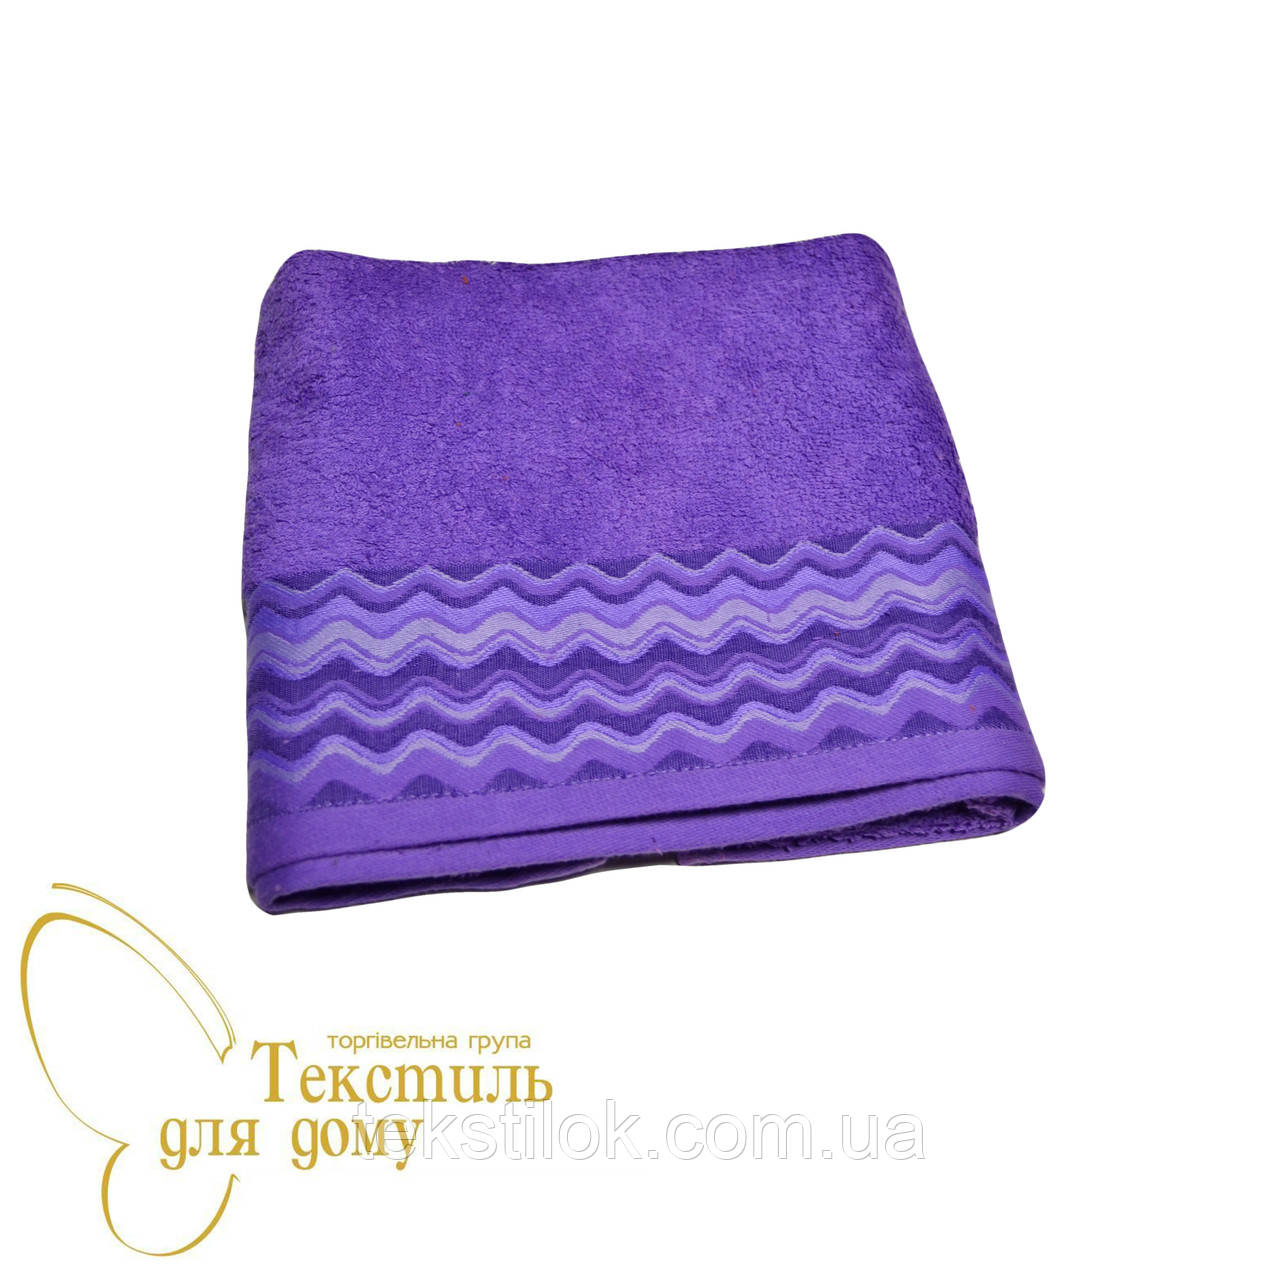 Полотенце лицевое 50*90, волна фиолетовый